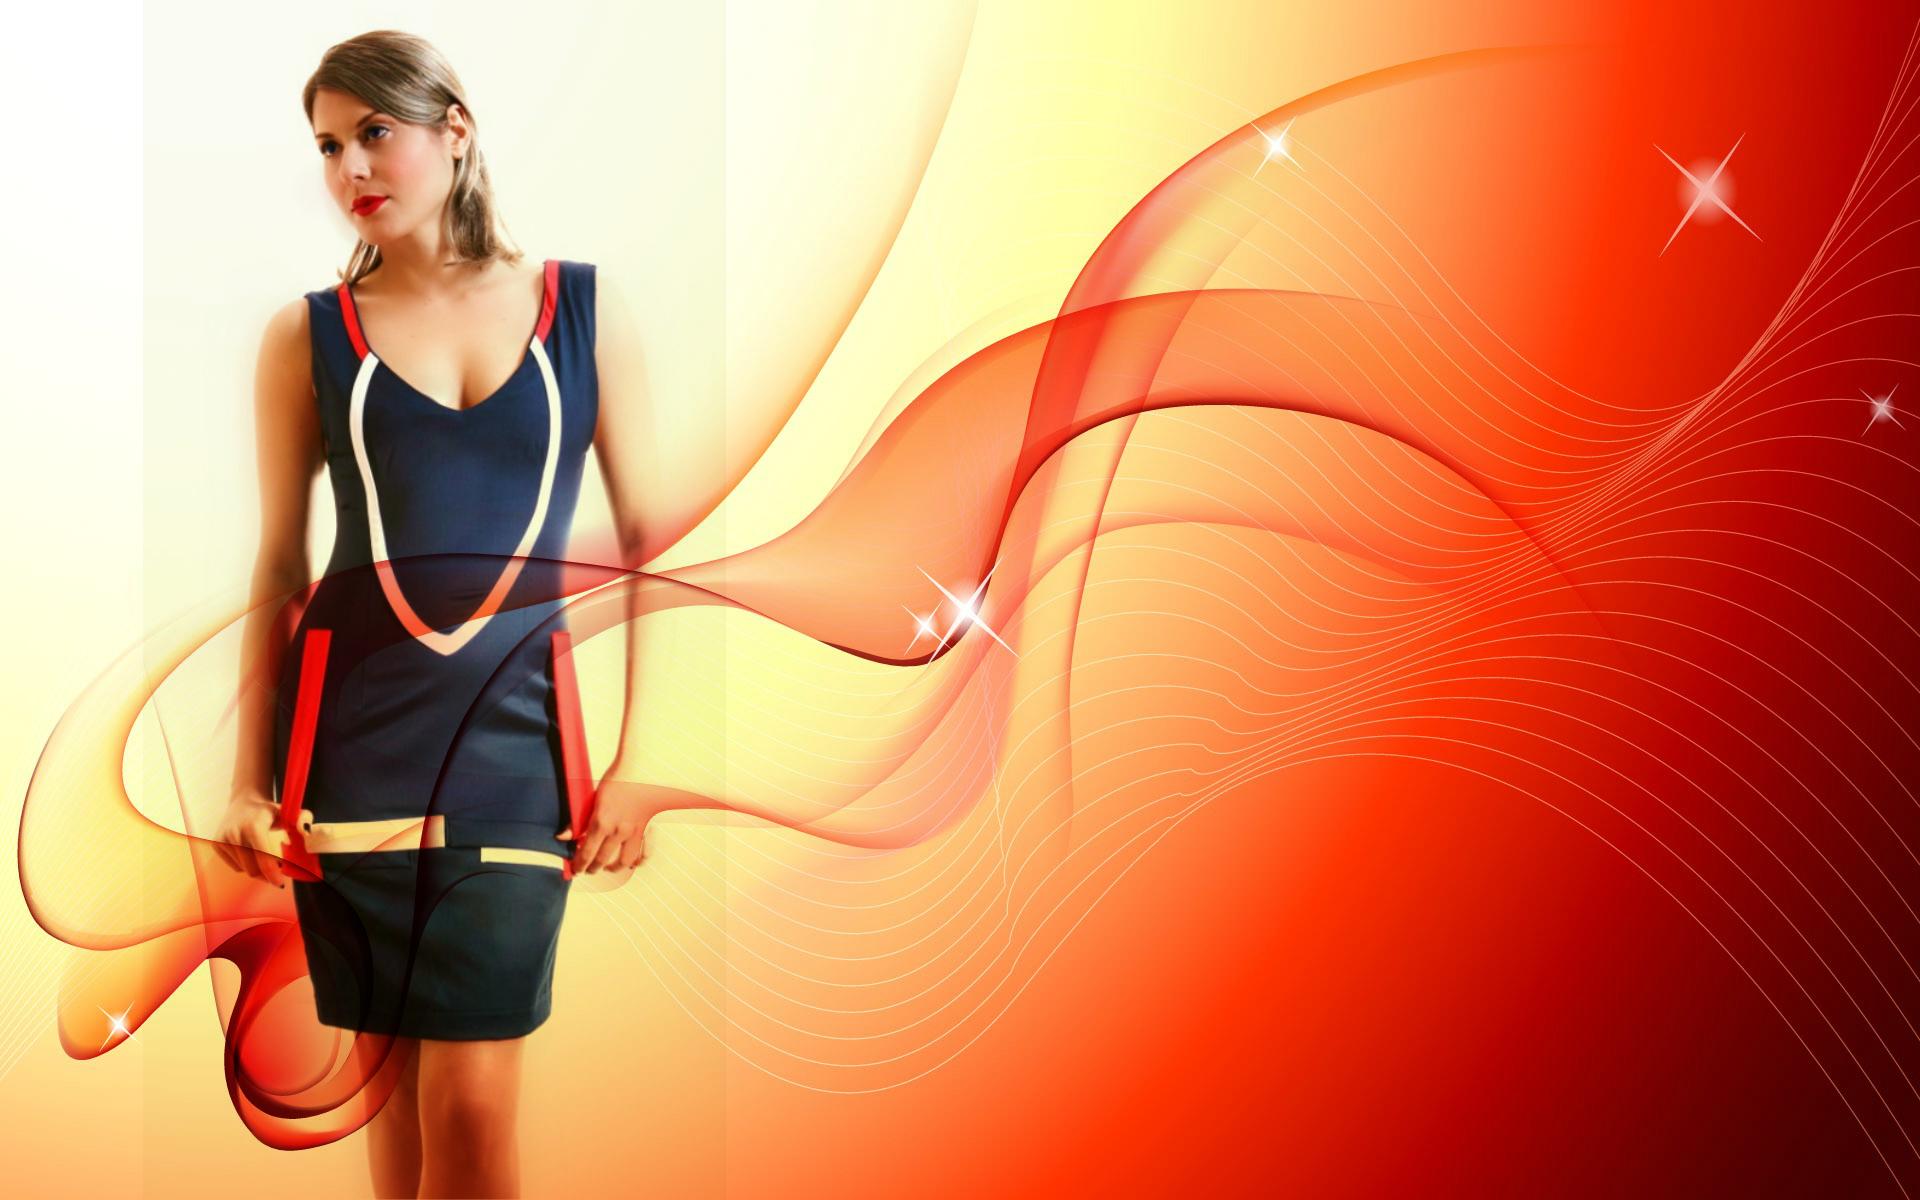 Elegsport dress 6a